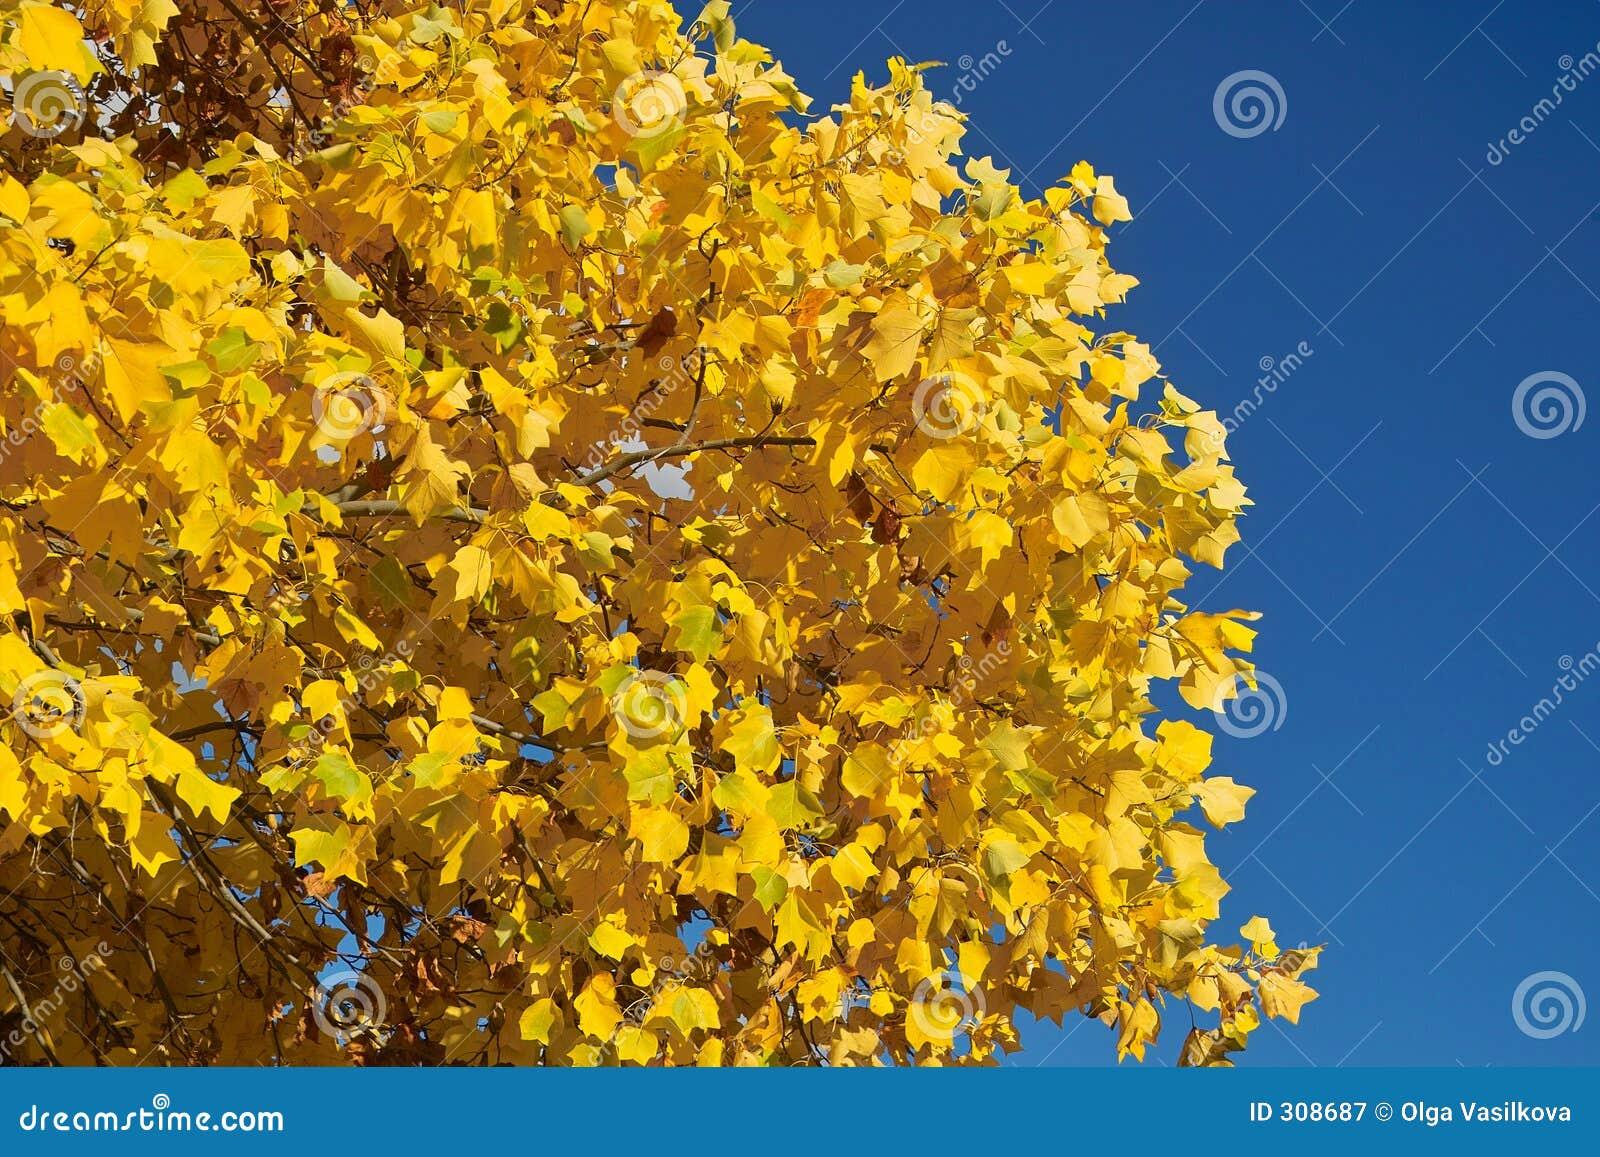 Zostaw błękit nieba żółty